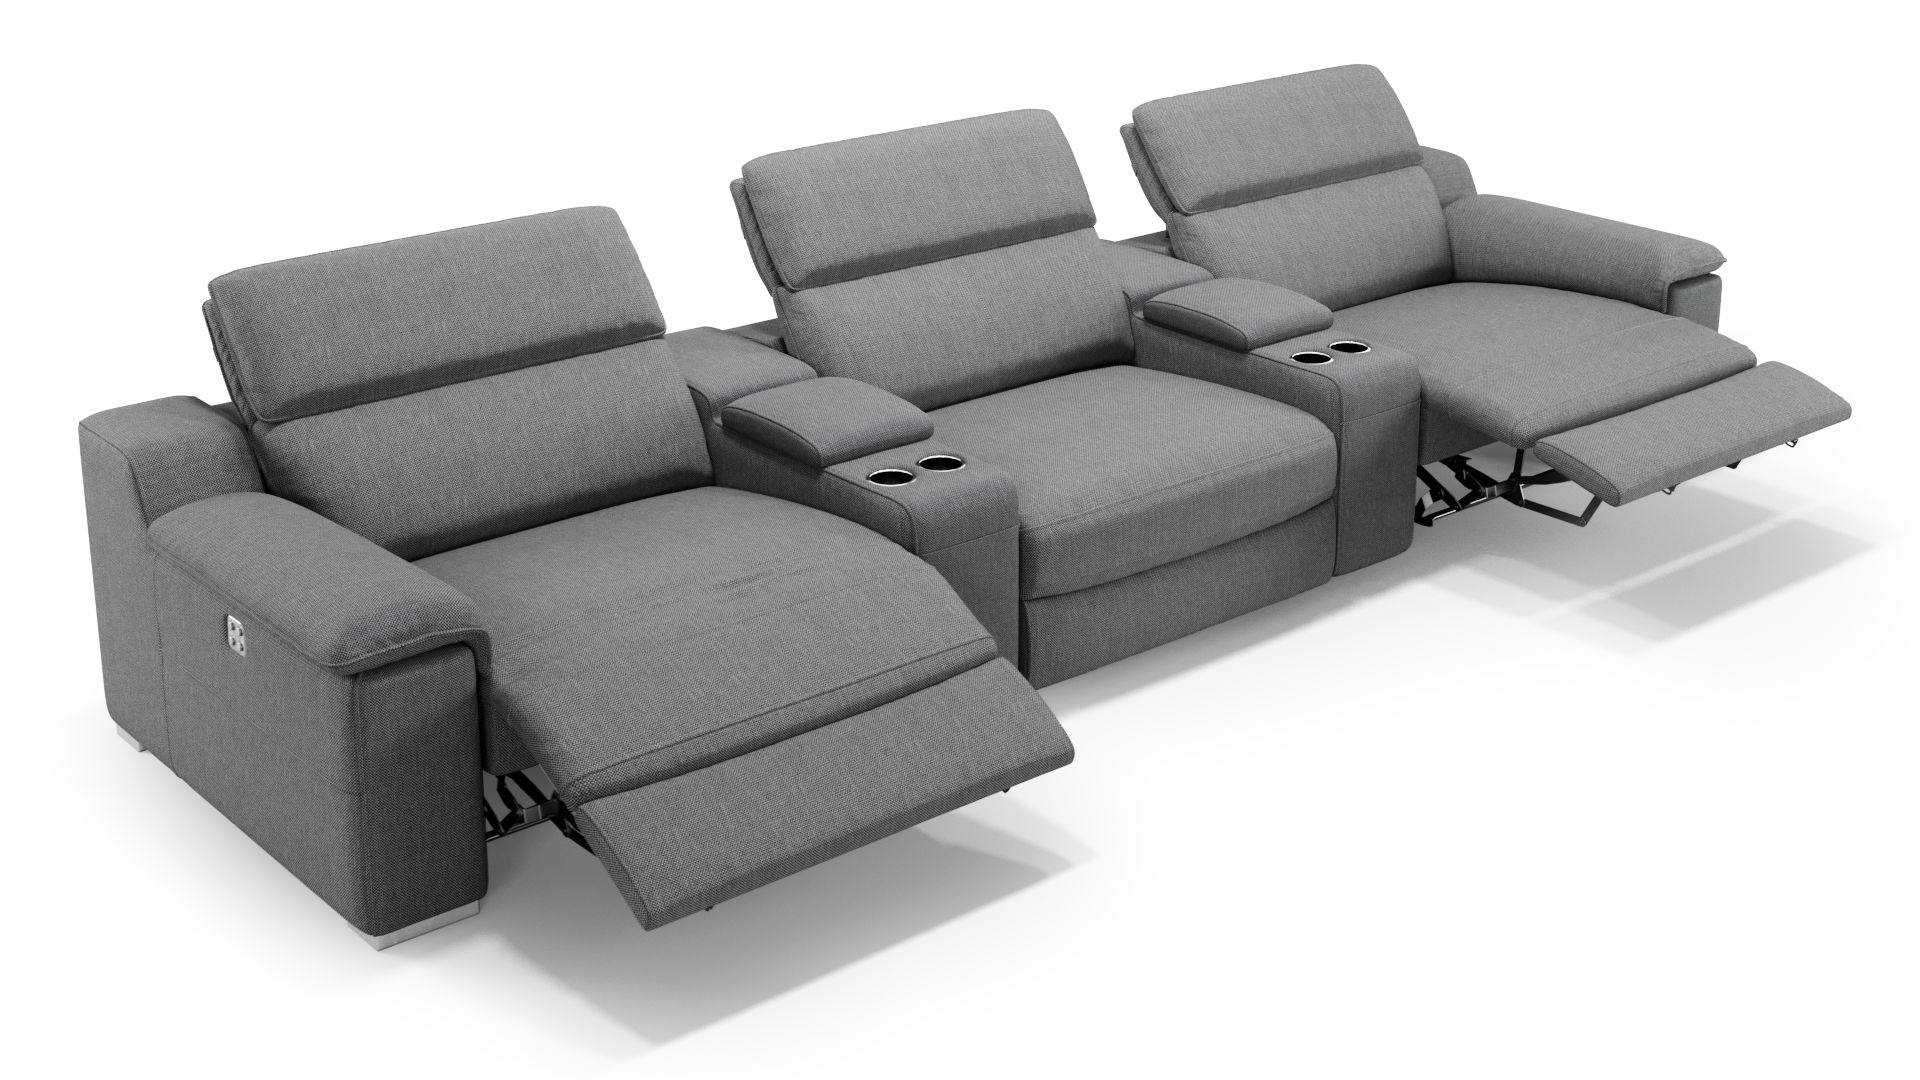 Stoff 3-Sitzer Kinosofa mit zwei Mittelkonsolen MACELLO